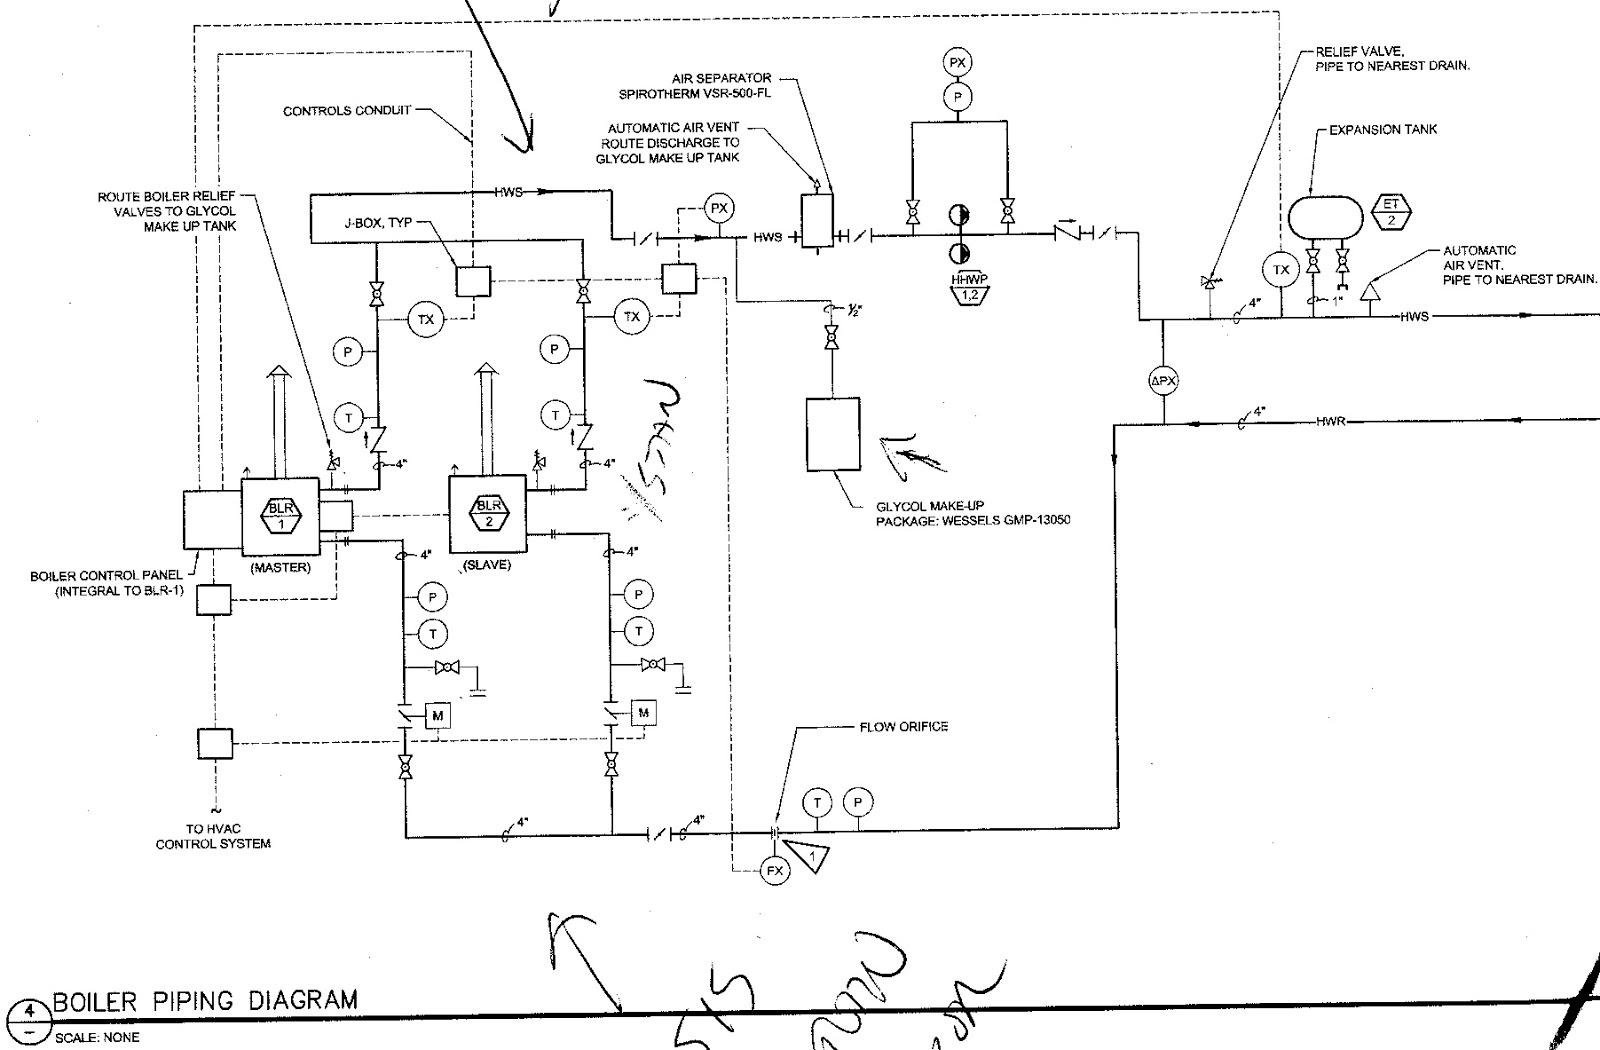 Heating Boiler: New Yorker Residential Heating Boiler